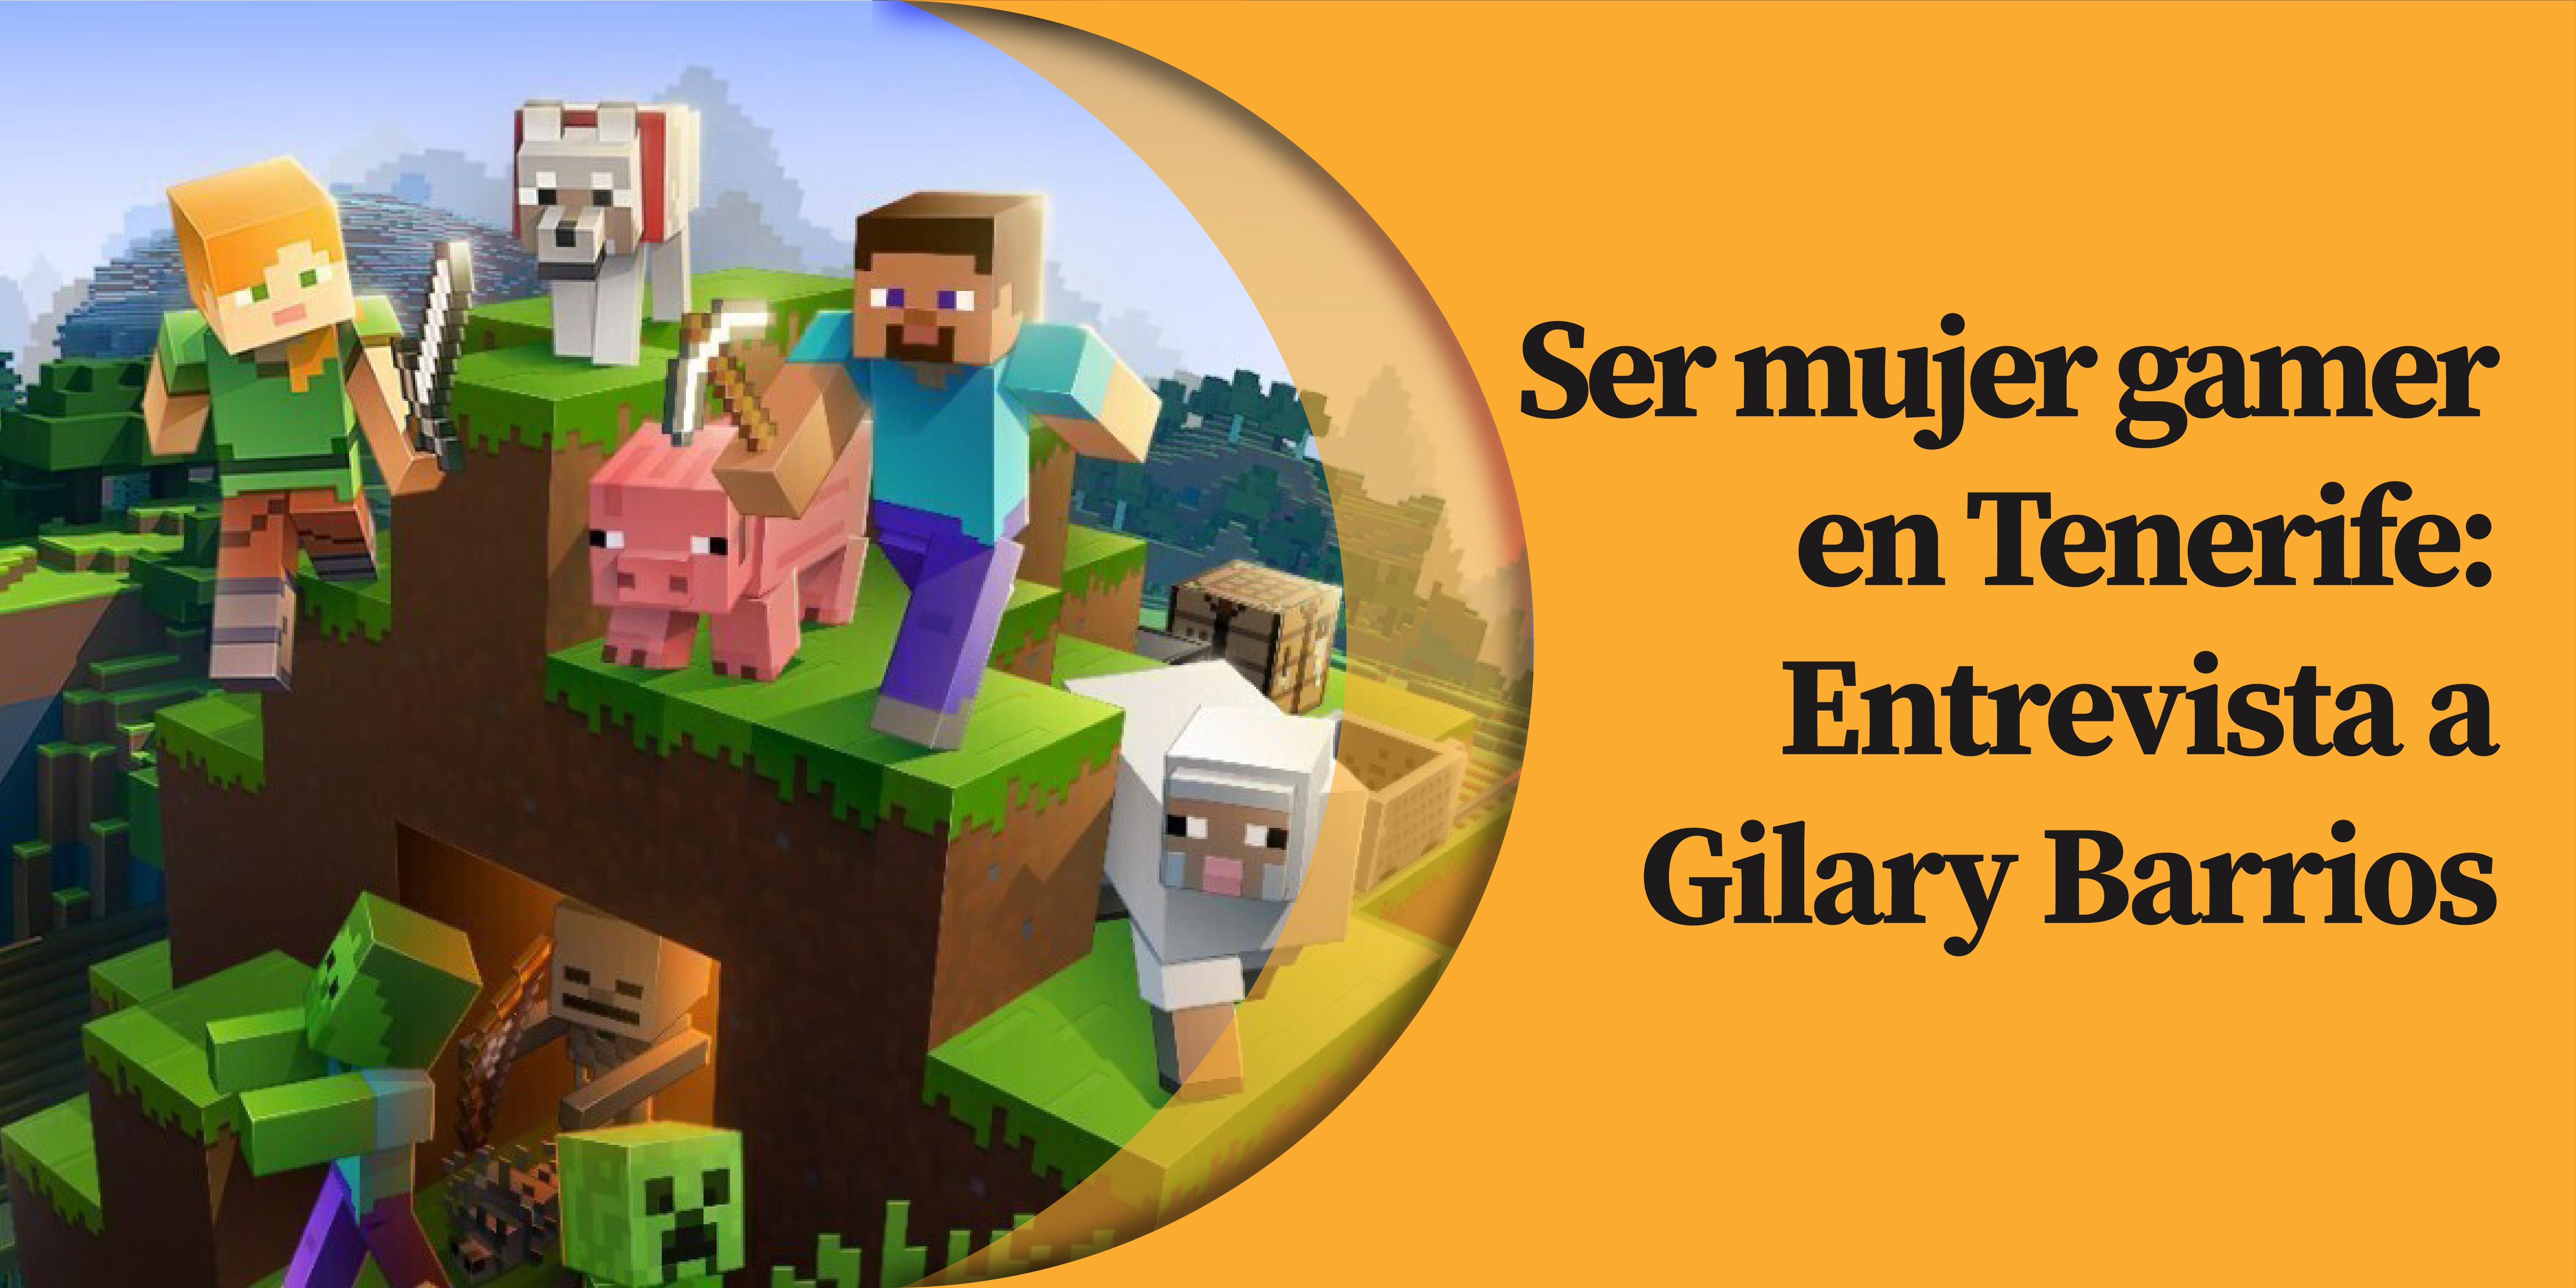 Ser mujer gamer en Tenerife: Entrevista a Gilary Barrios